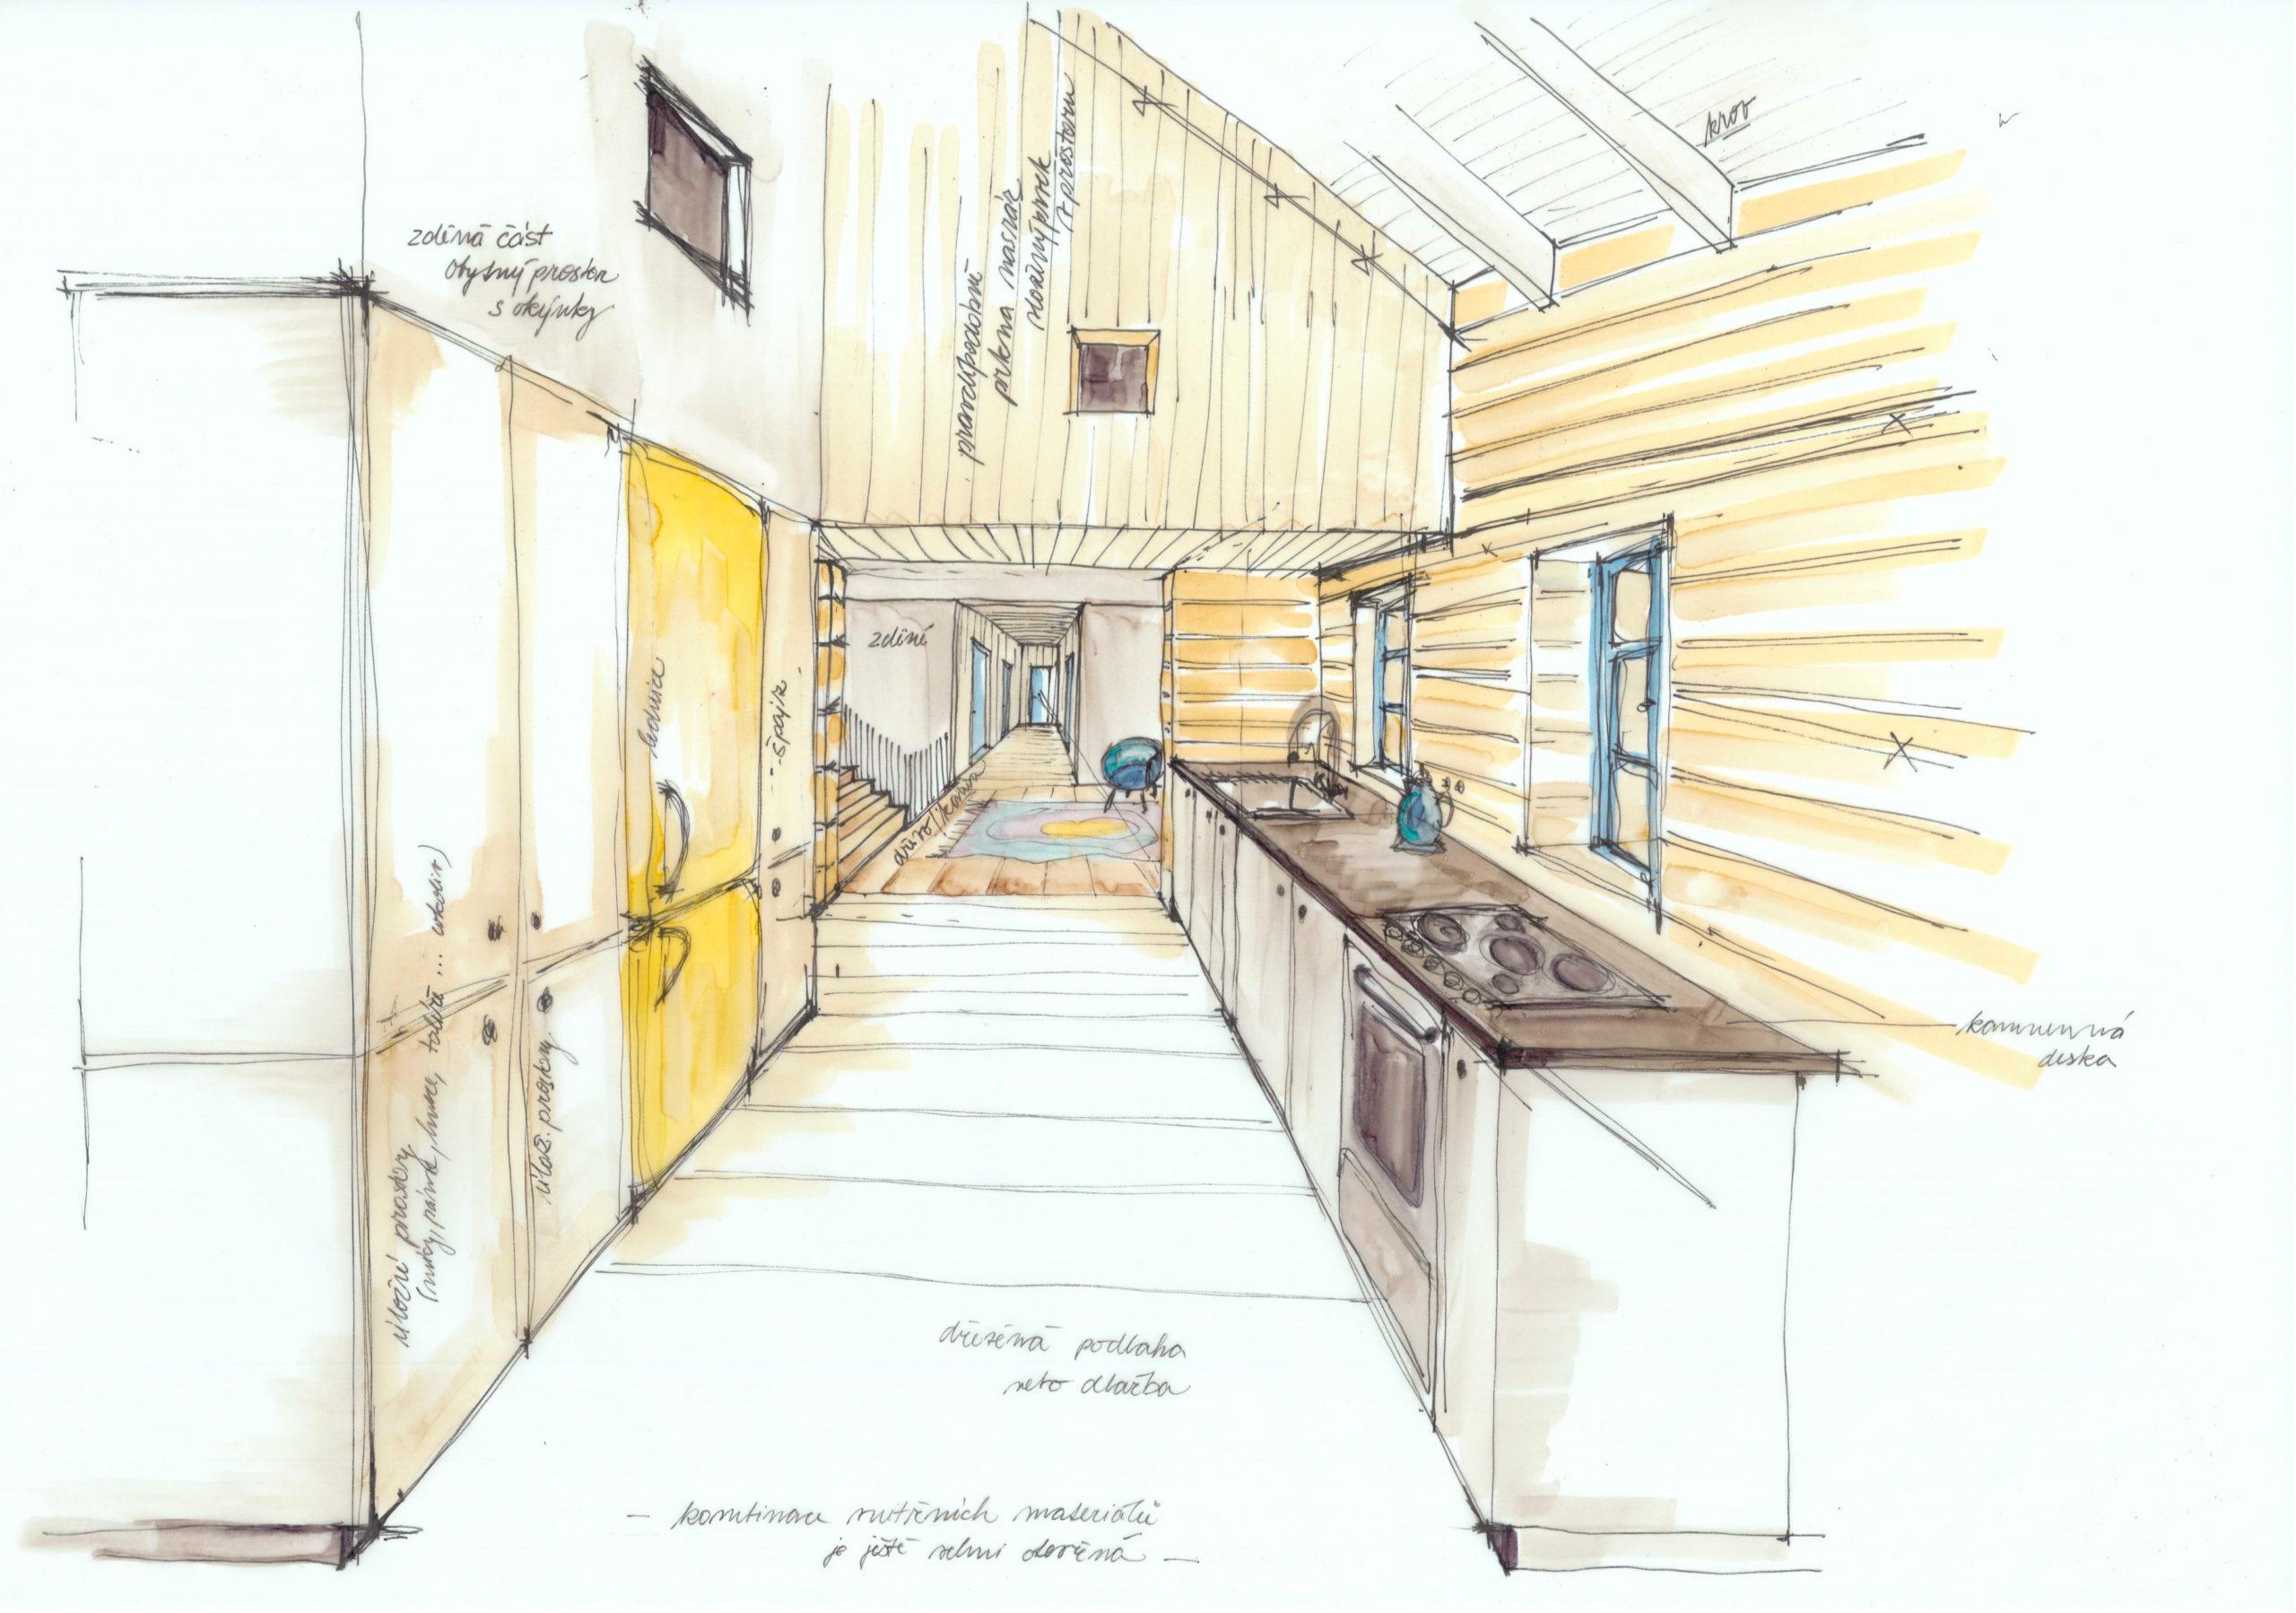 Hájenka v Krkonoších - ruční skica - interiér kuchyně. Autor: Kurz architekti